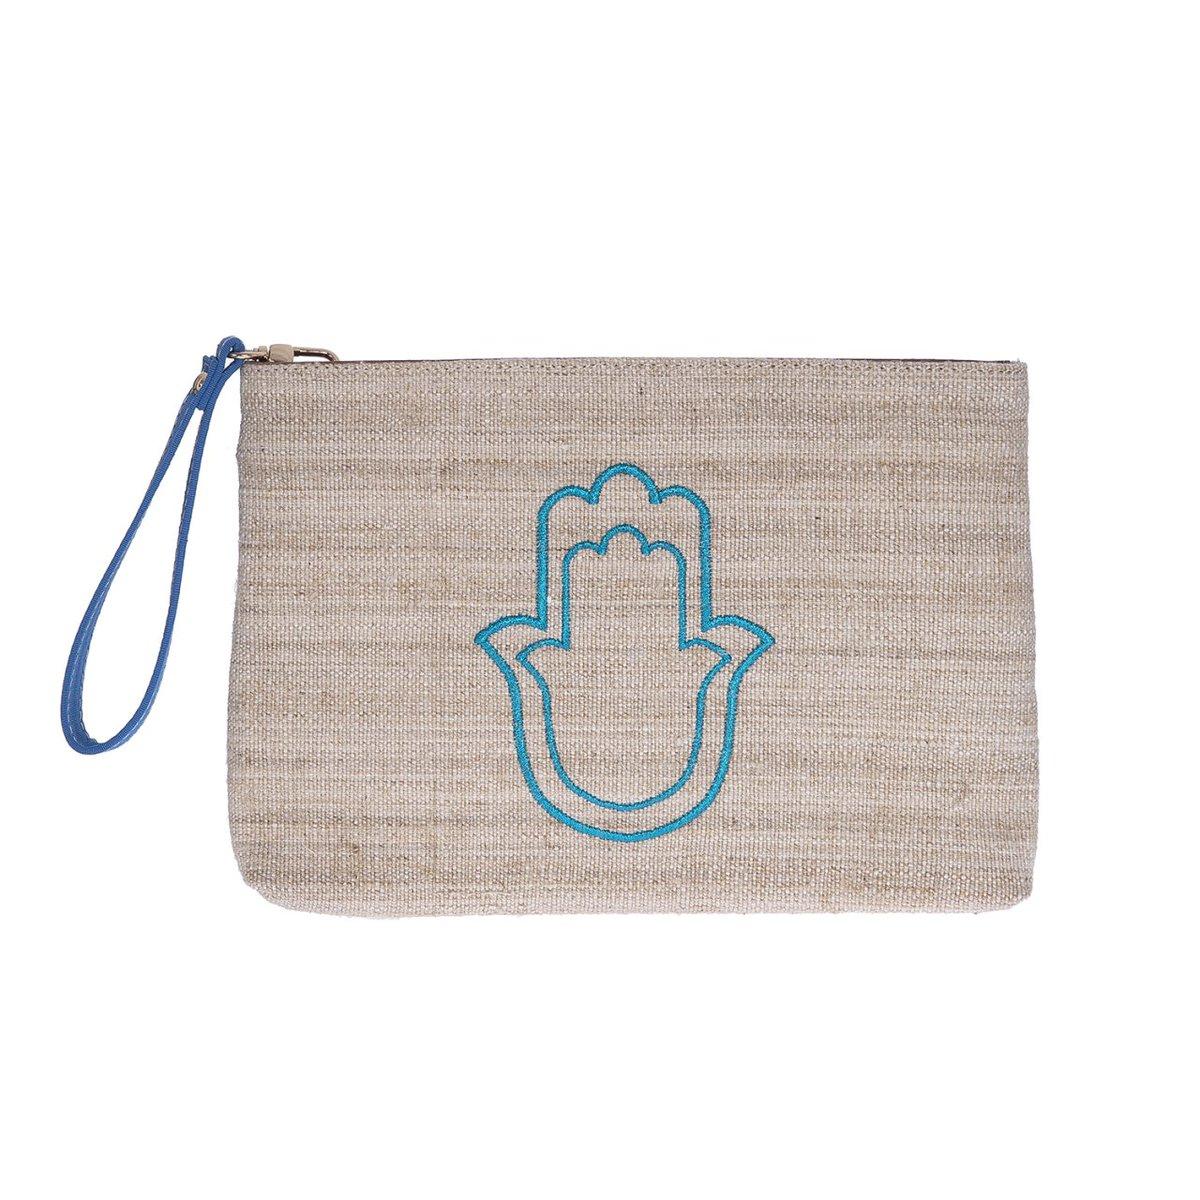 #çanta Örgü çanta modelleri benzersiz tasarımları ve ince işçilikleri ile dikkatleri üzerine çekmeye devam ediyor https://www.khilios.com/pic.twitter.com/2q151zCba4